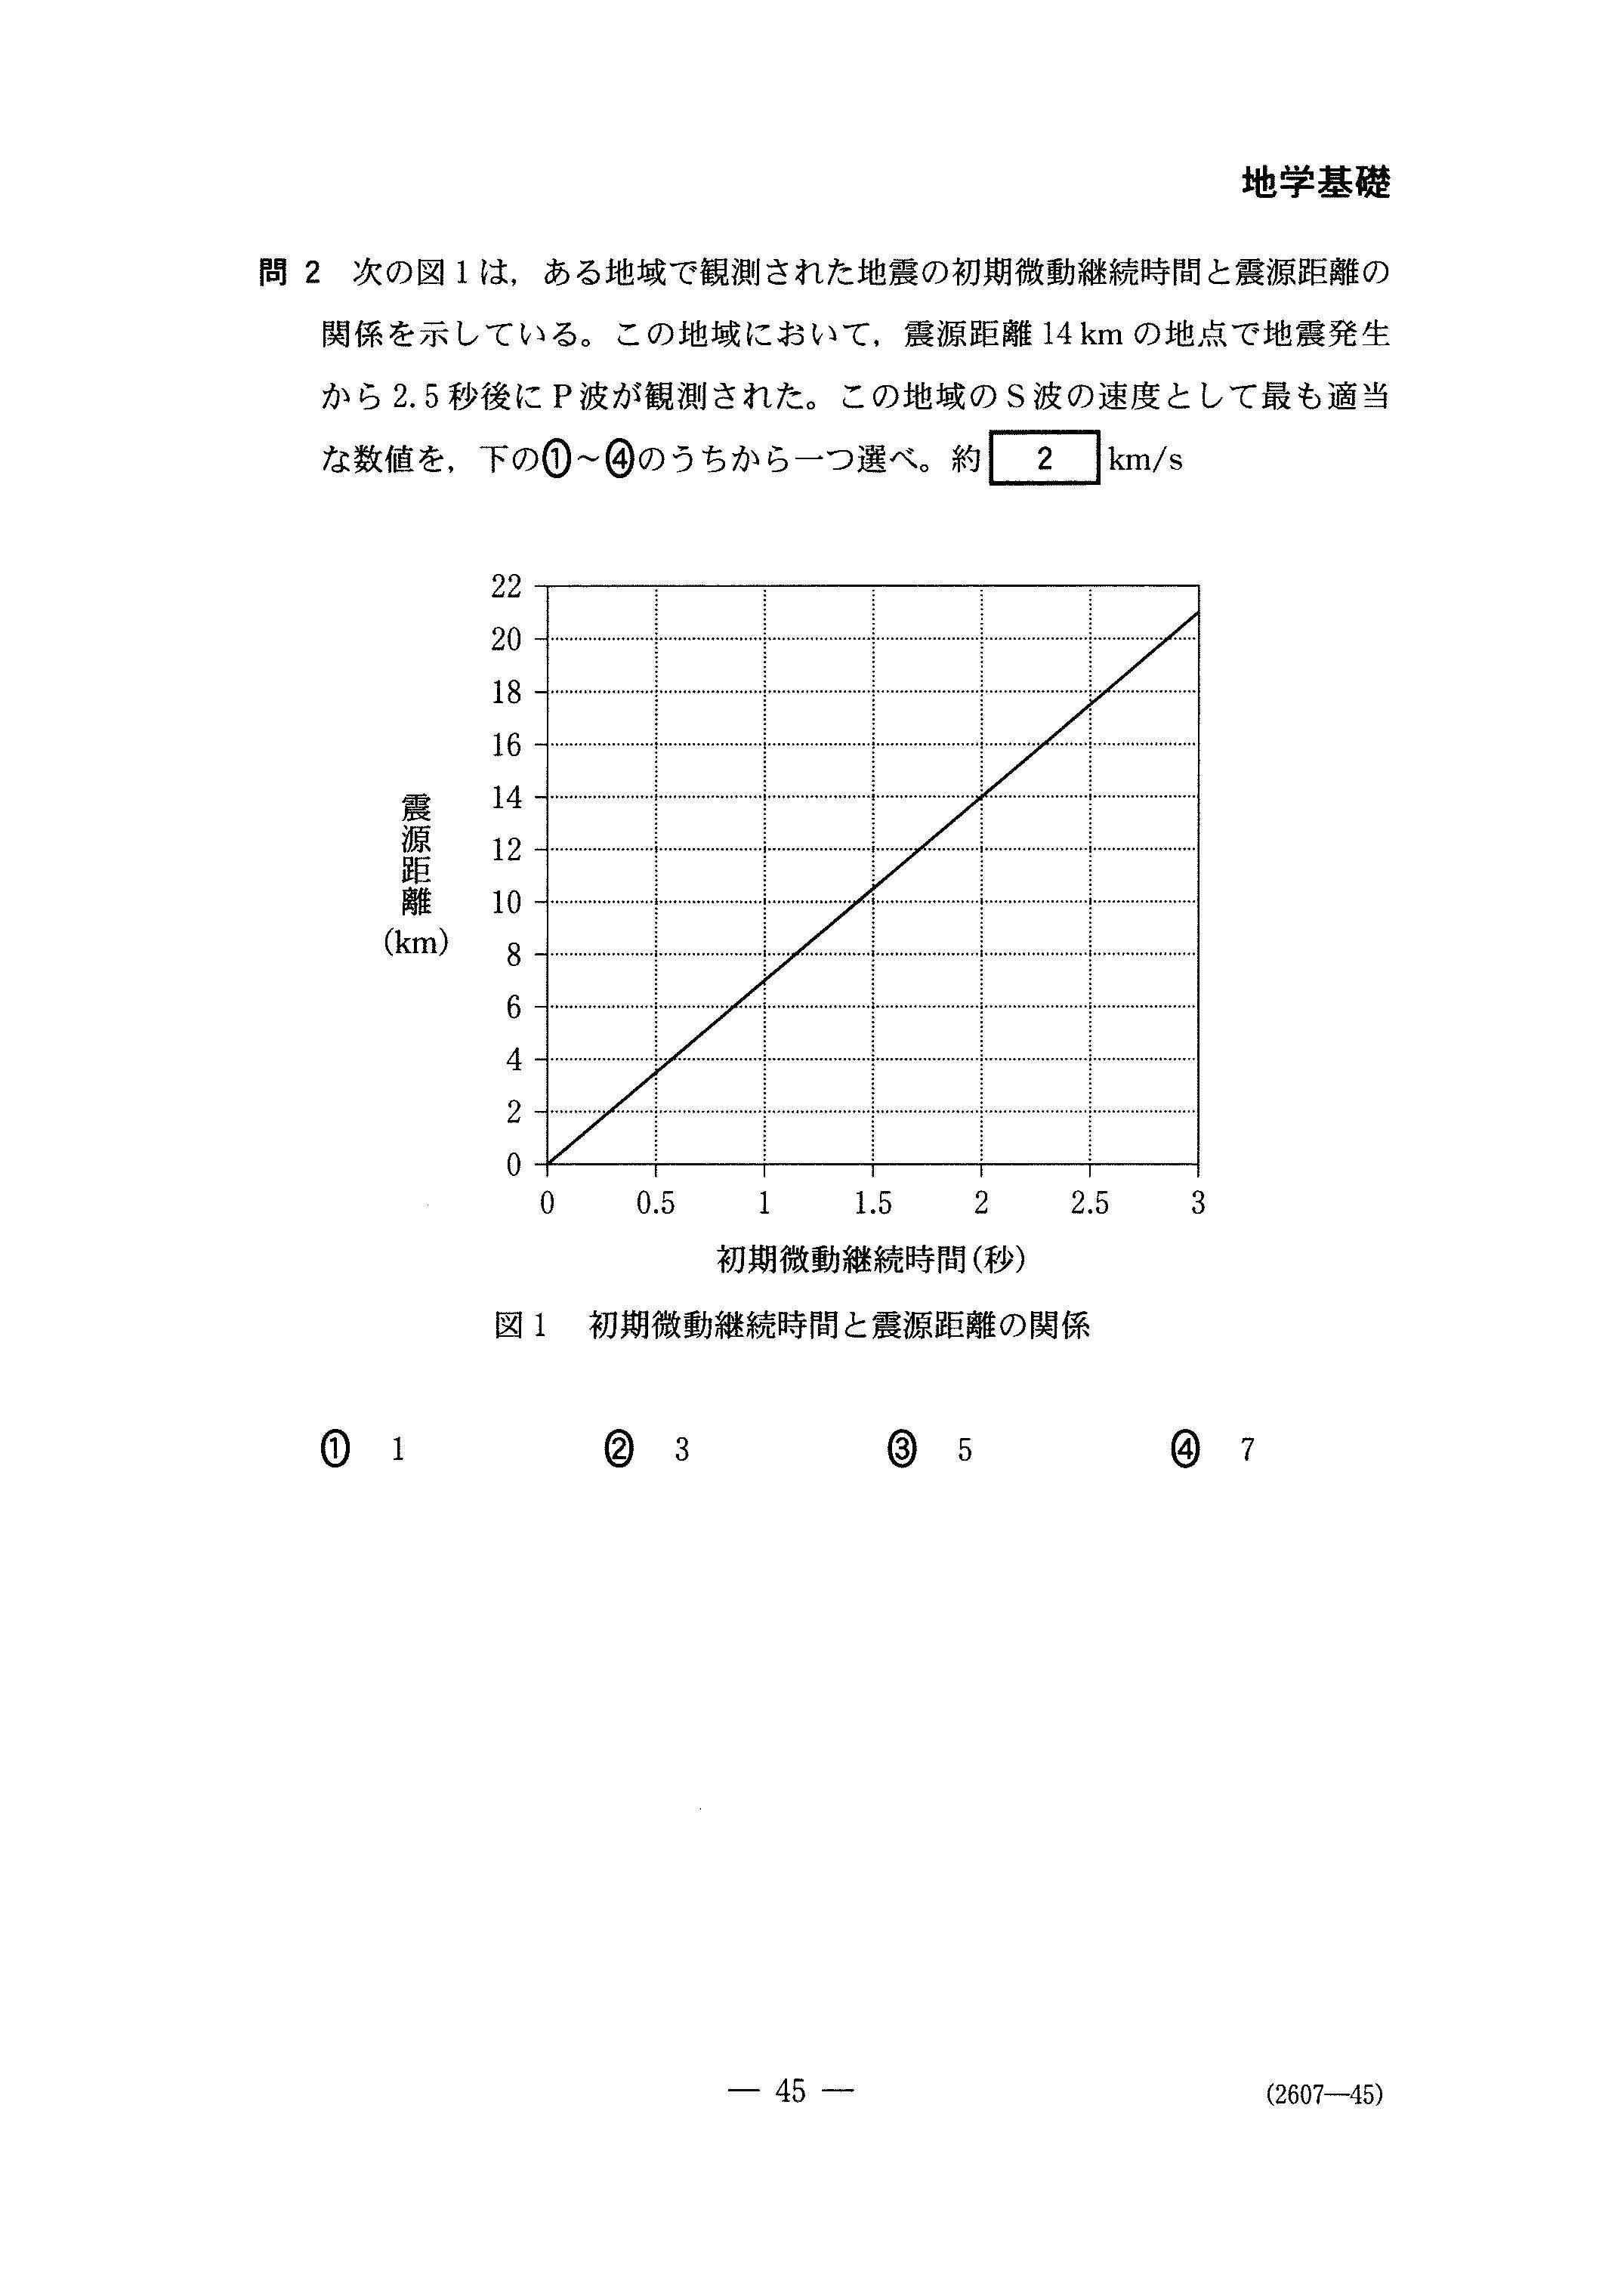 2017年 平成29年 理科_地学基礎 大学入試センター試験過去問